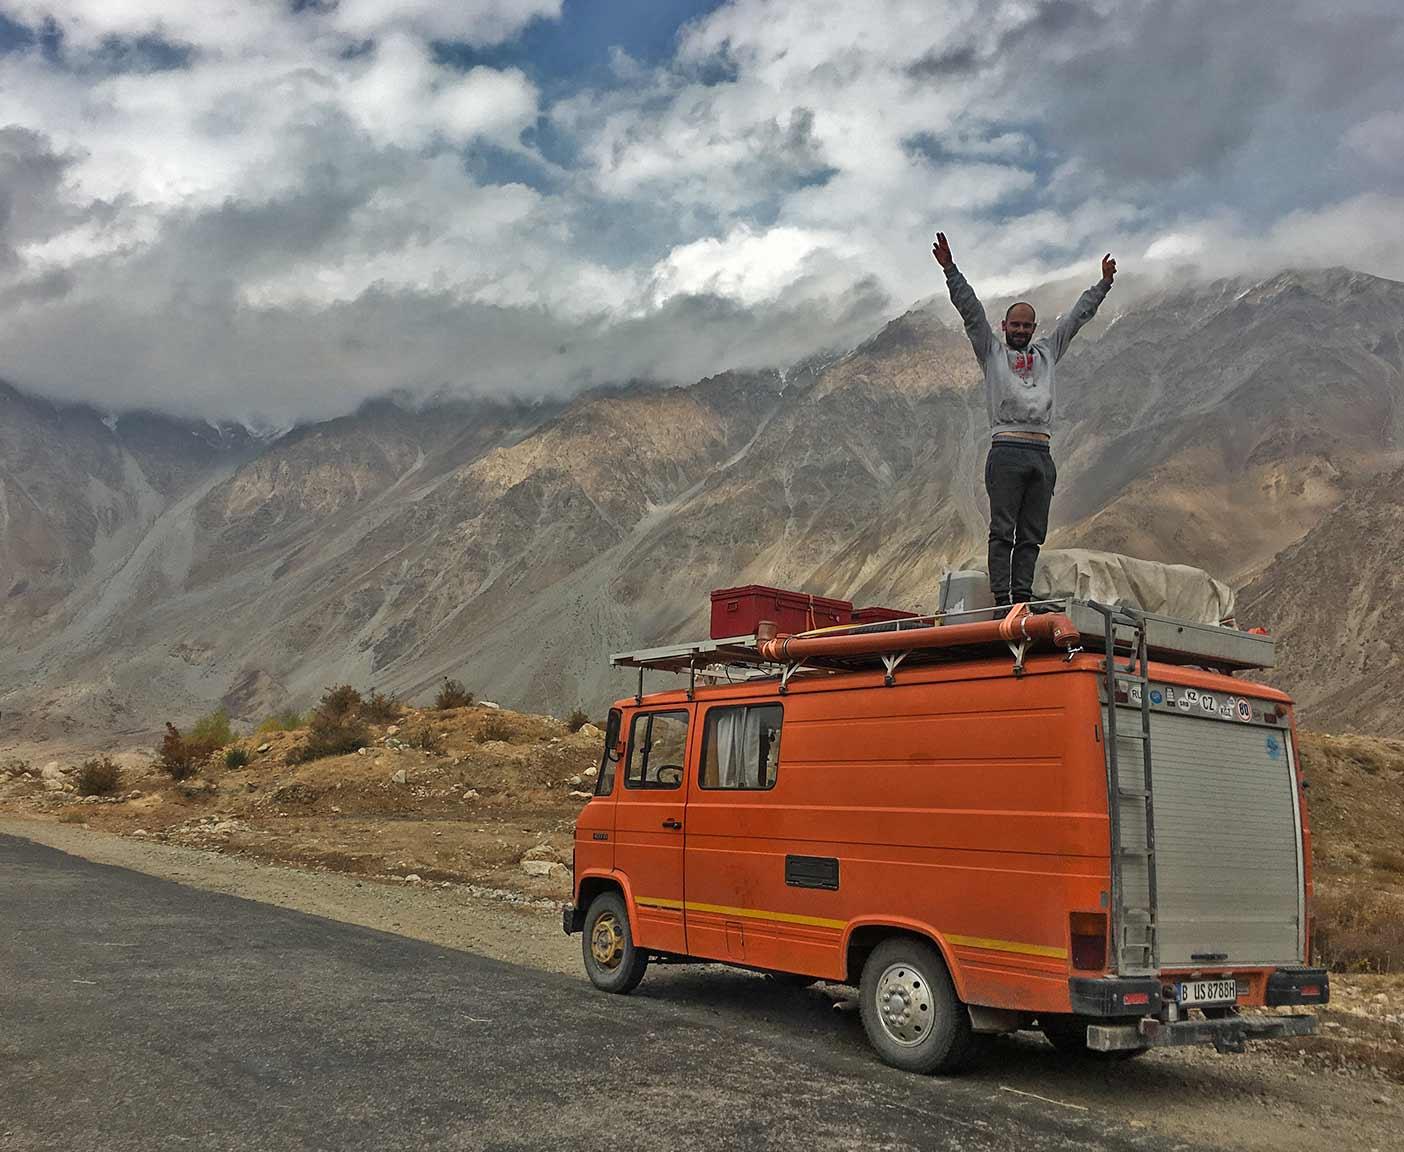 pamir-highway-m41-motorrad-auto-wohnmobil-camper-laenge-kyrgyzstan-guide-2017-2018-2019-china-afghanistan-korogh-4